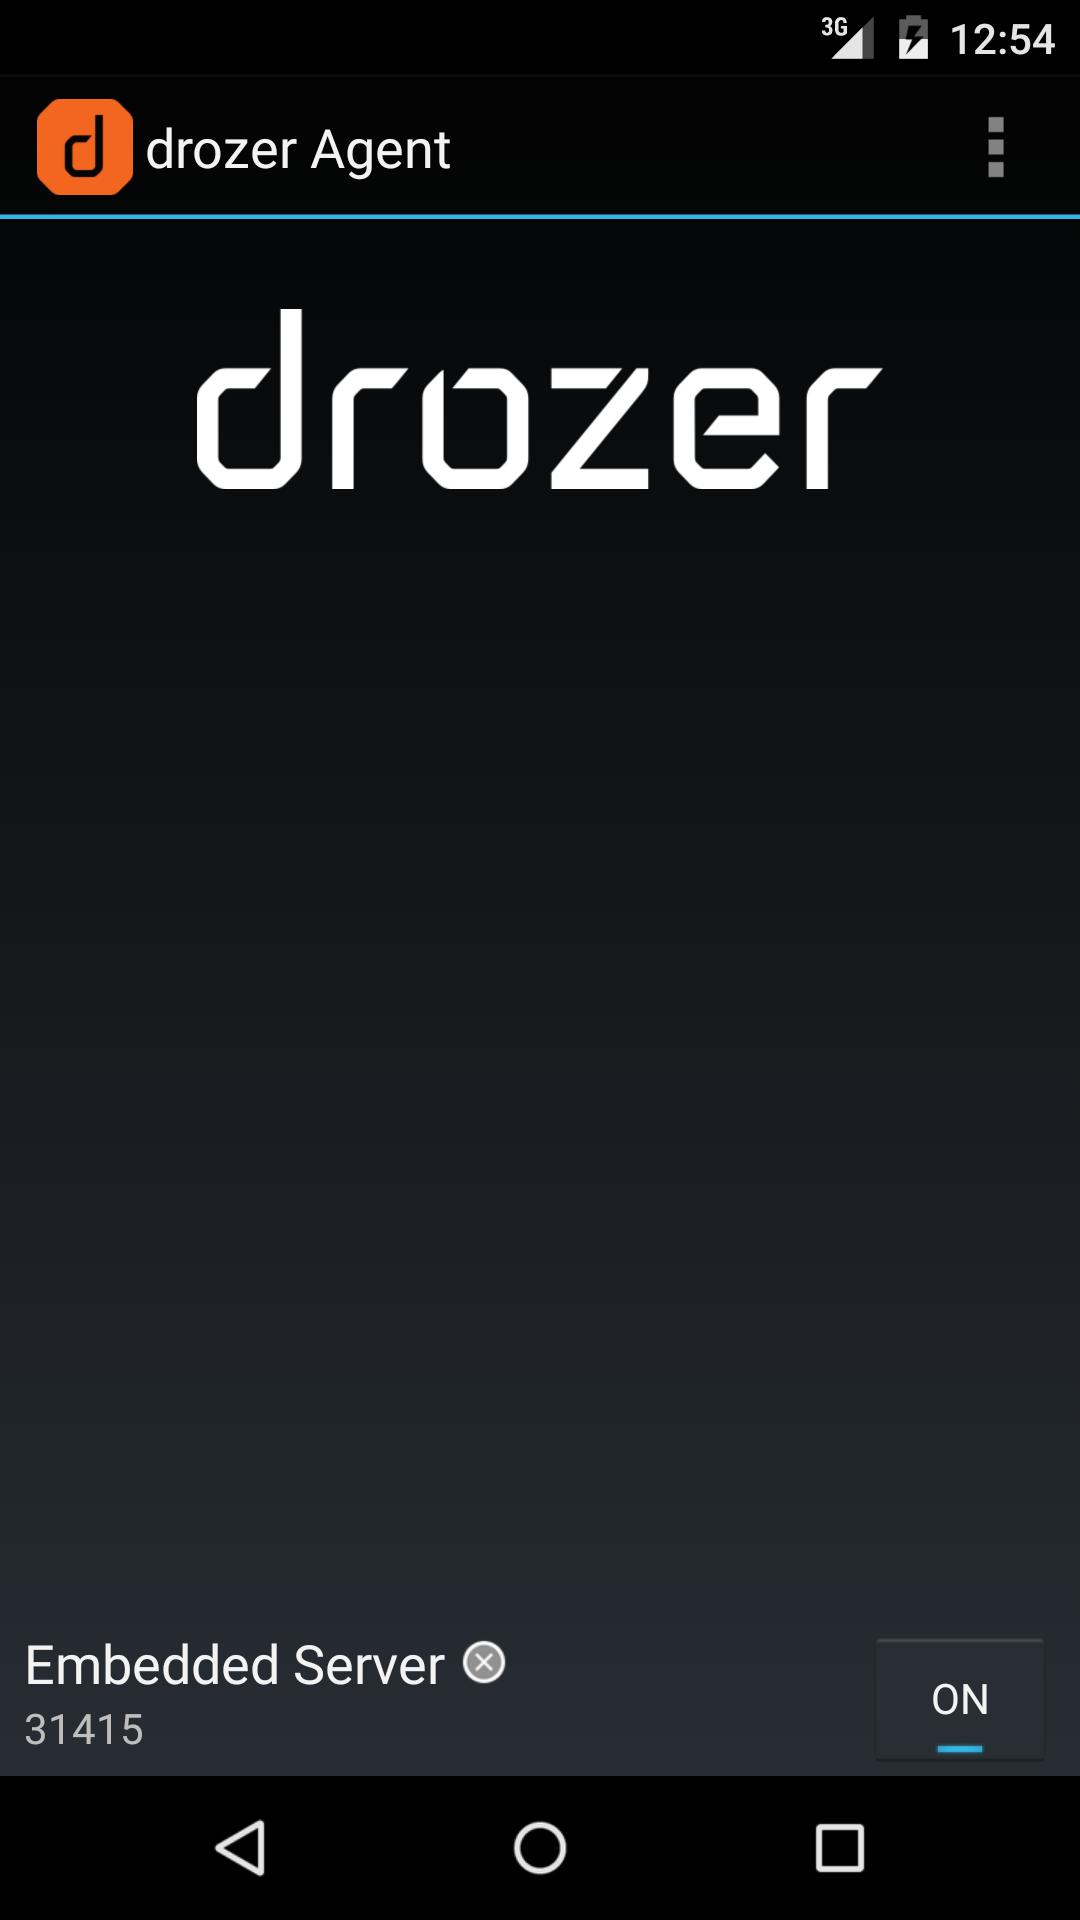 Drozer Narzędzie Do Analizy Aplikacji Mobilnych Android